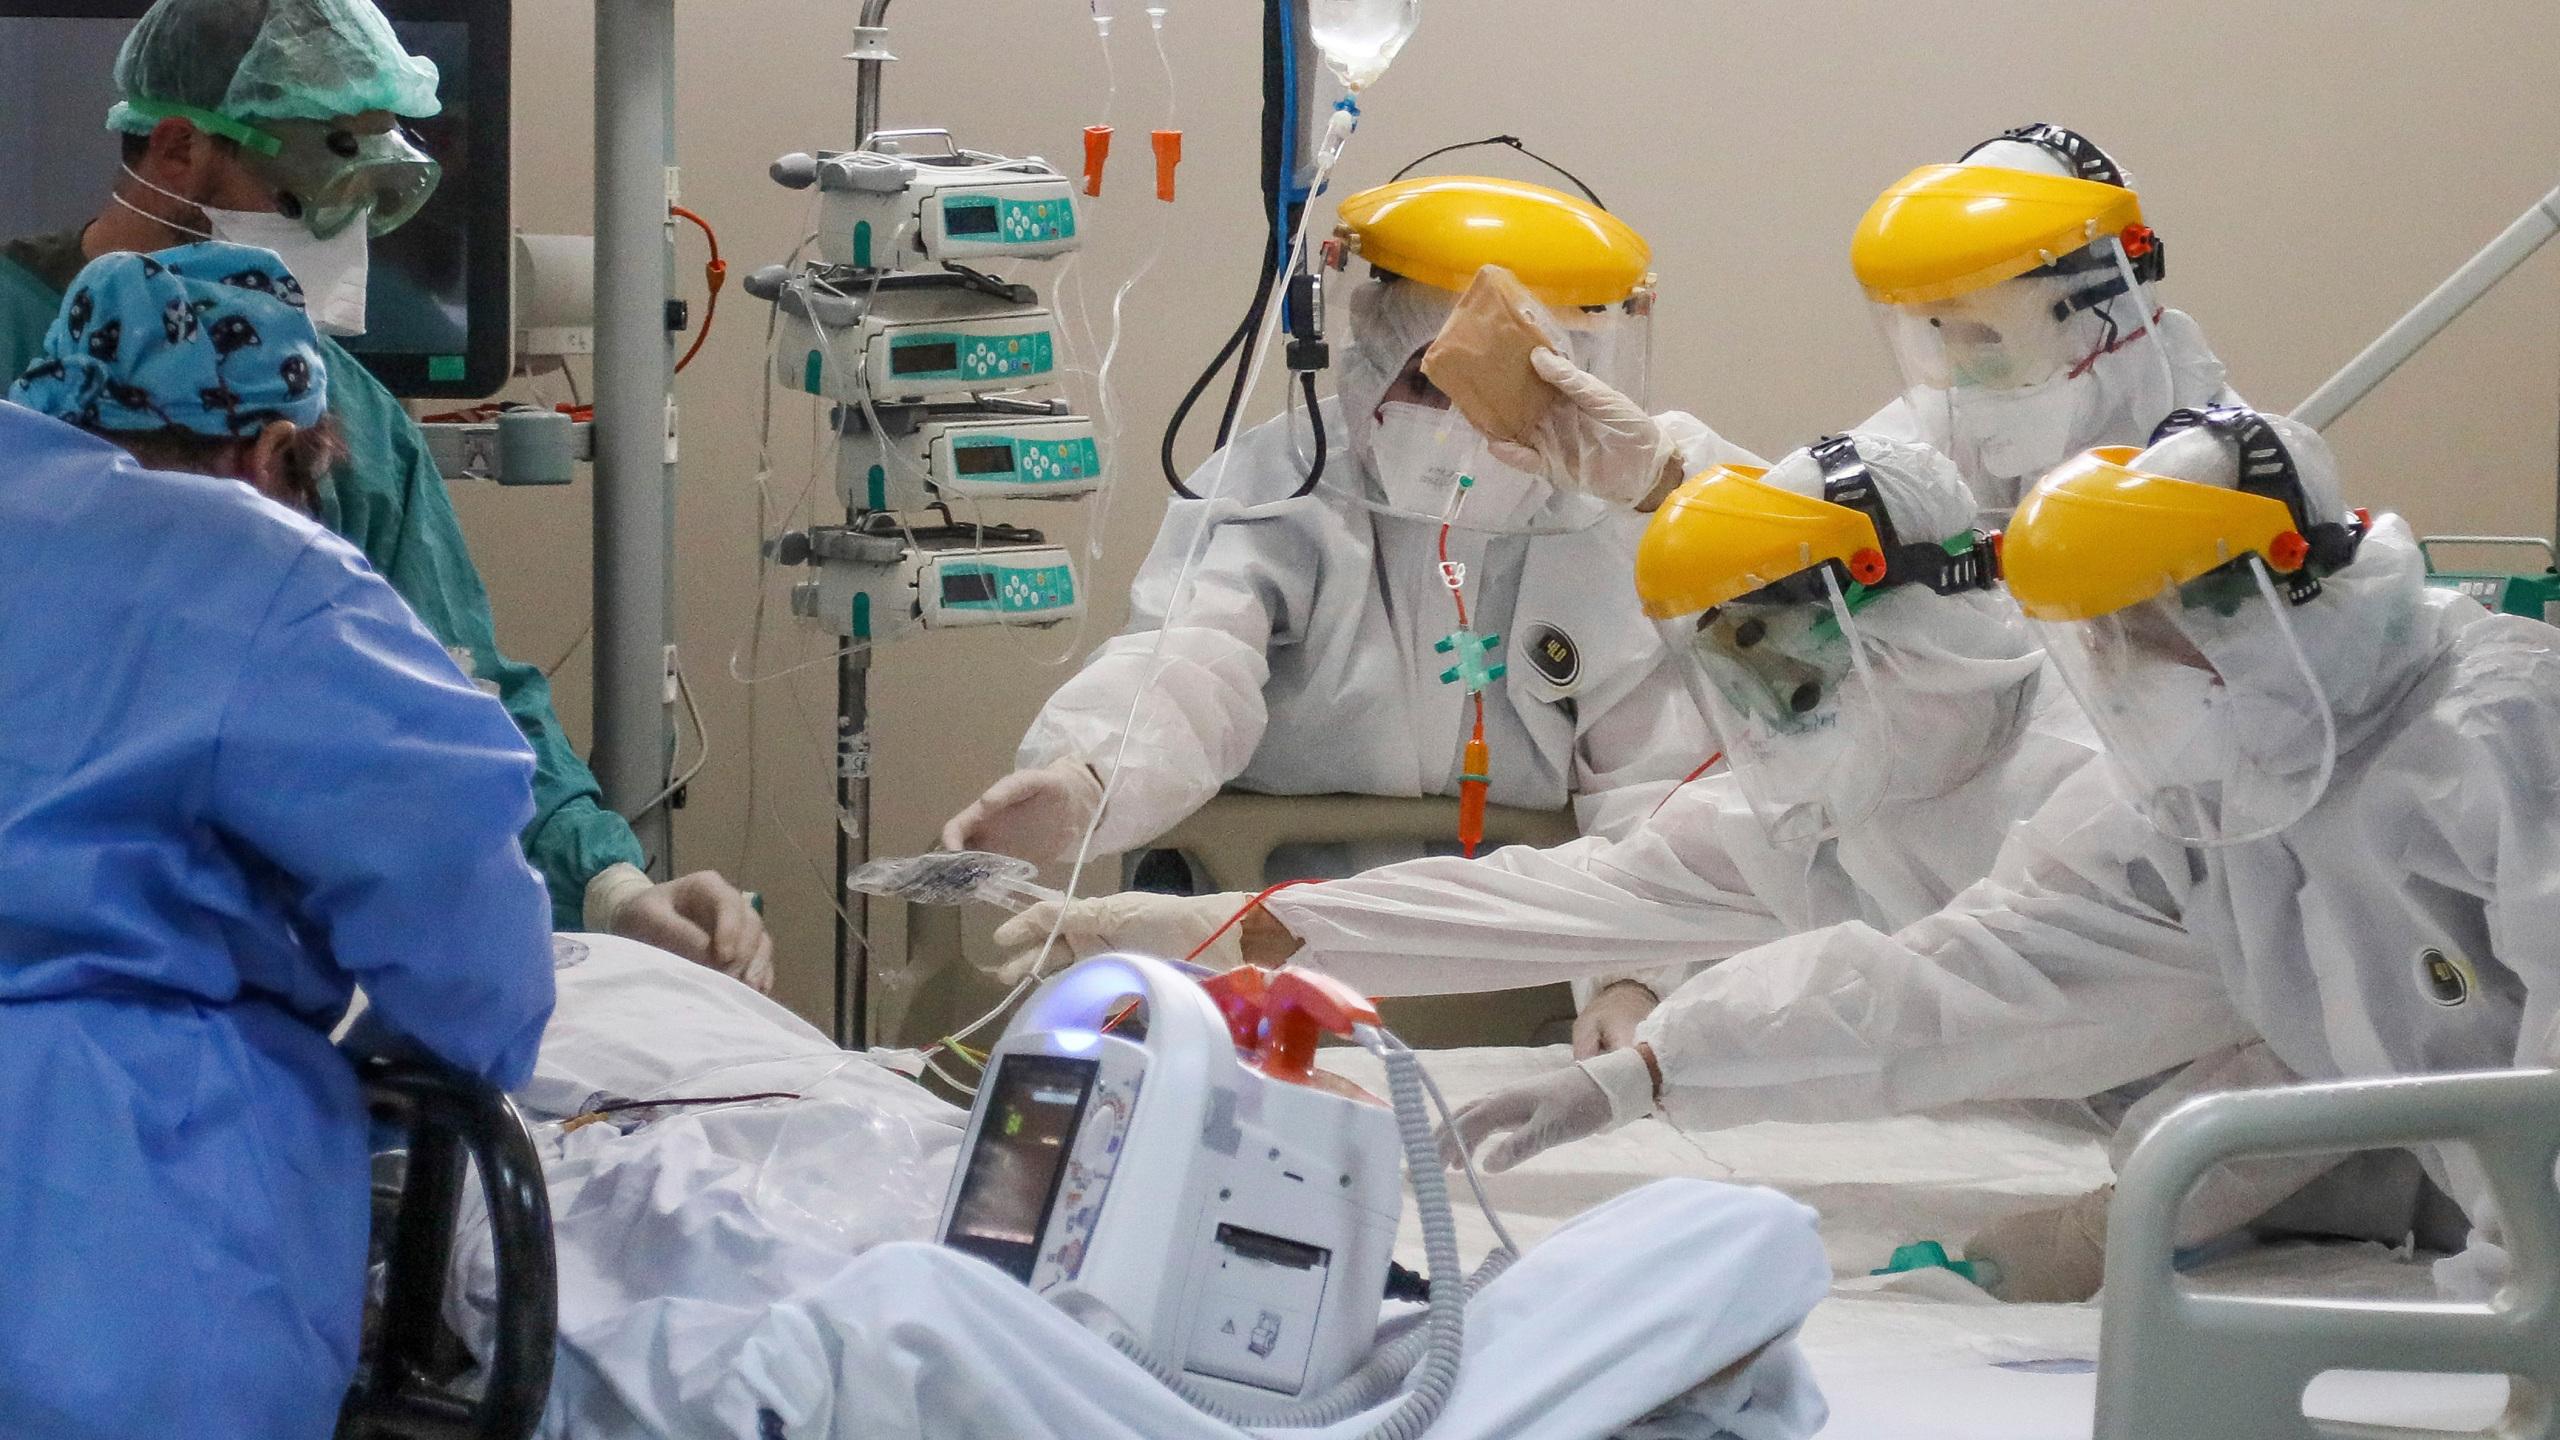 49 yaşındaki Covid hastası yoğun bakıma alındı!